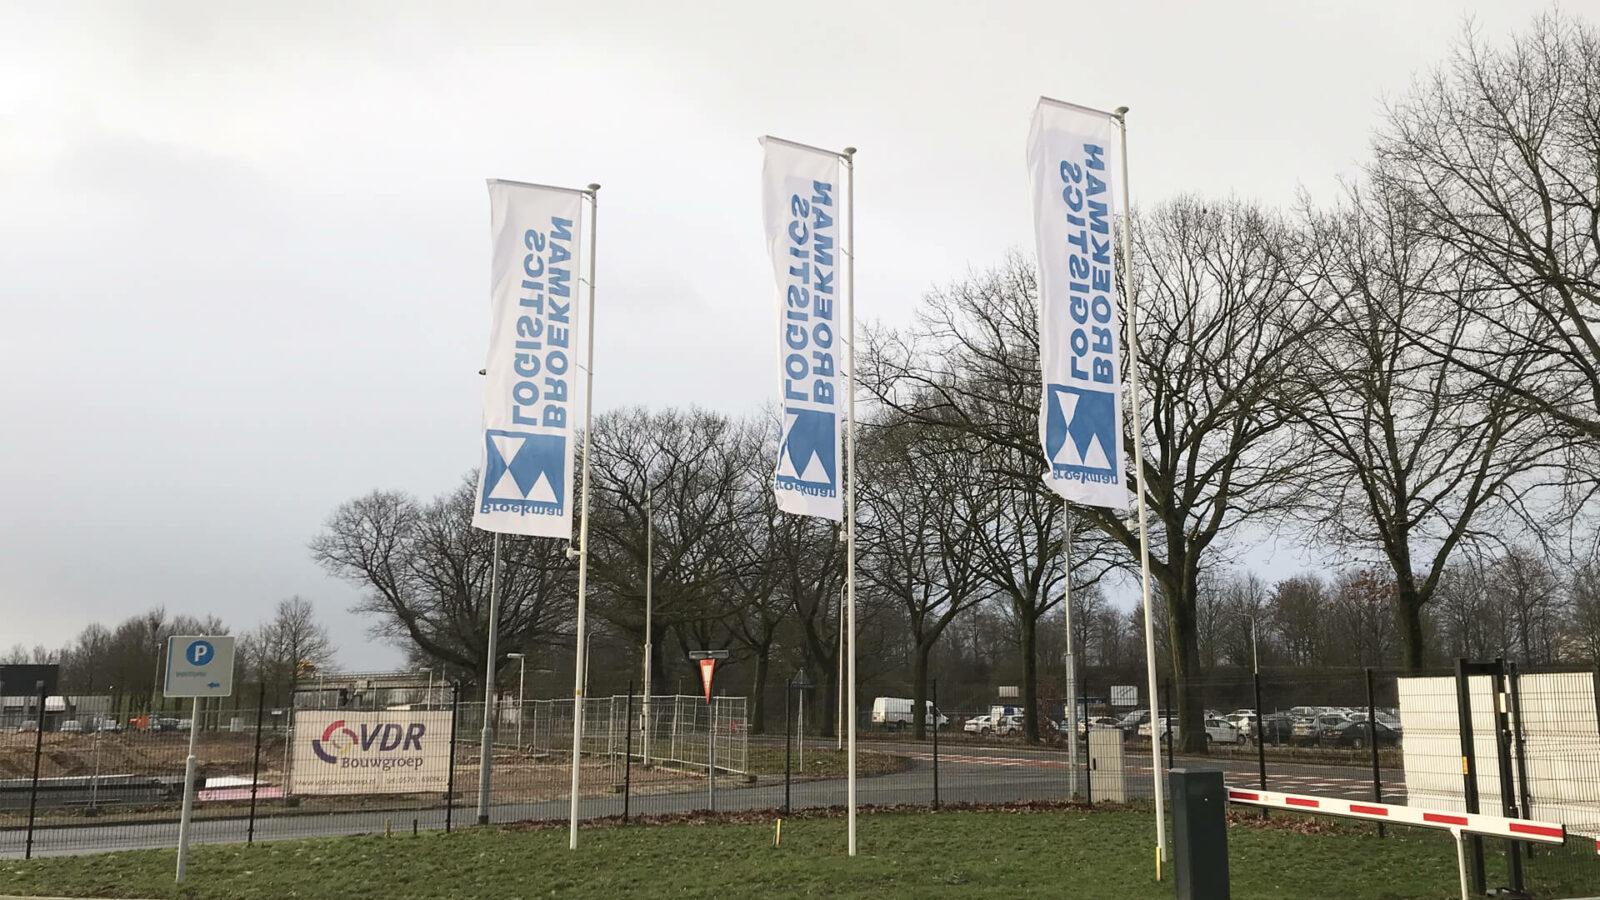 Vlaggenmast montage Broekman Nederland